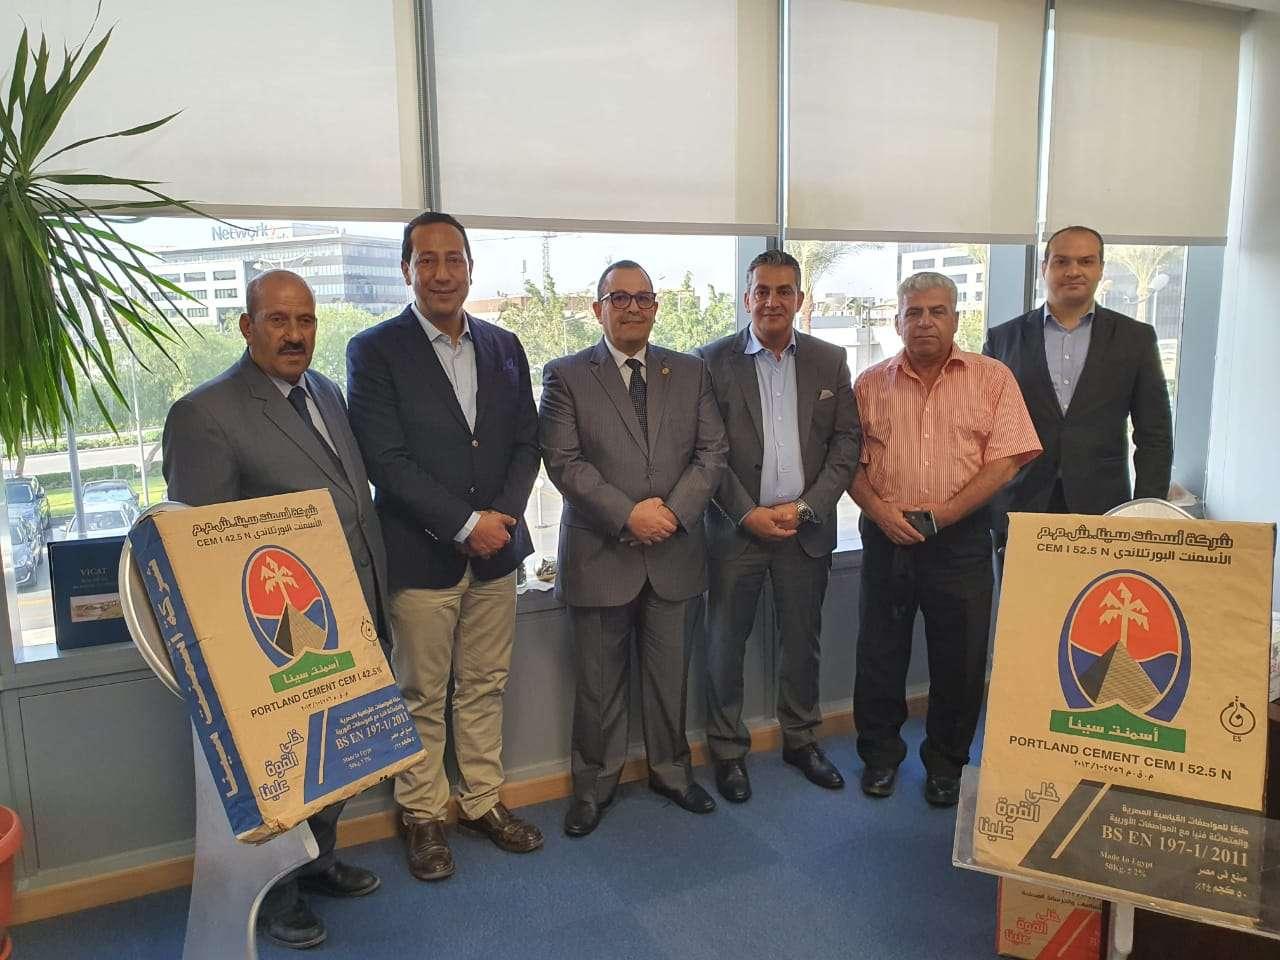 أسمنت سيناء تبحث مع المحافظة تعزيز التعاون المشترك لتنمية شمال سيناء